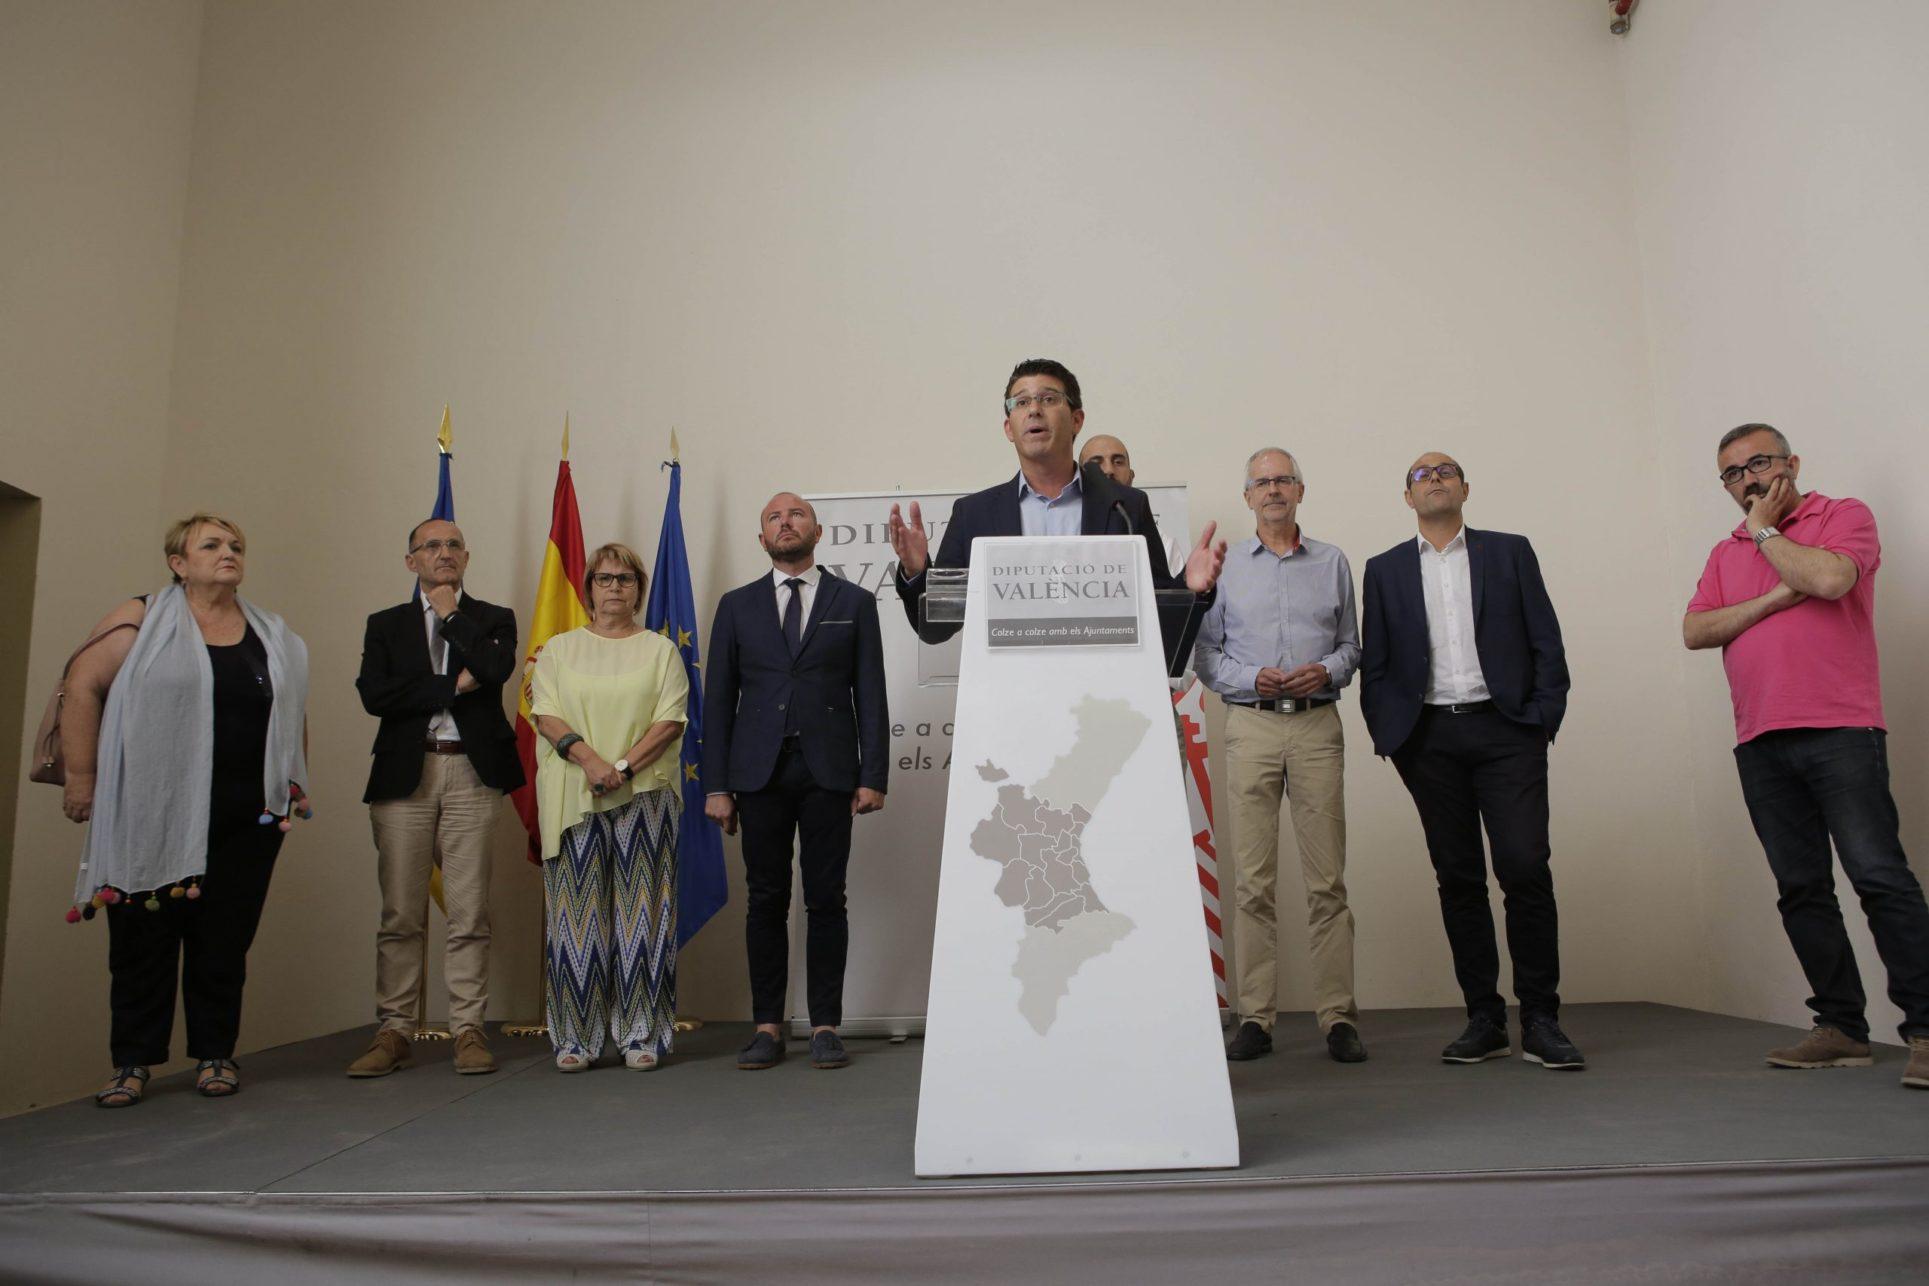 Jorge Rodríguez dimite como presidente El Periòdic d'Ontinyent